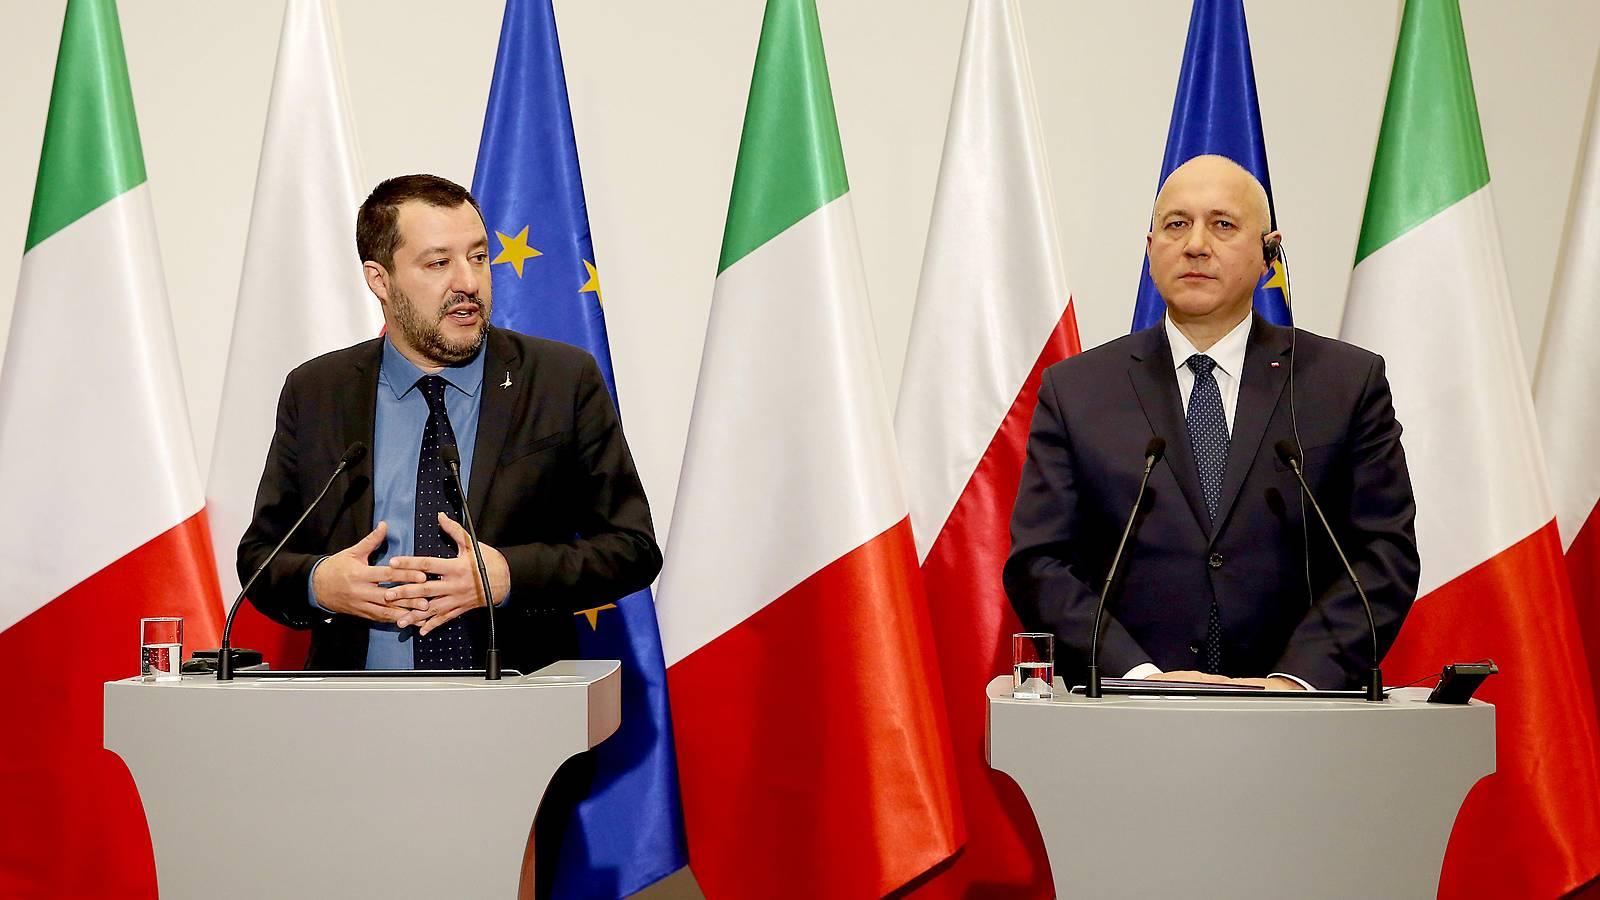 """Salvini beschwört in Polen """"neuen europäischen Frühling"""""""